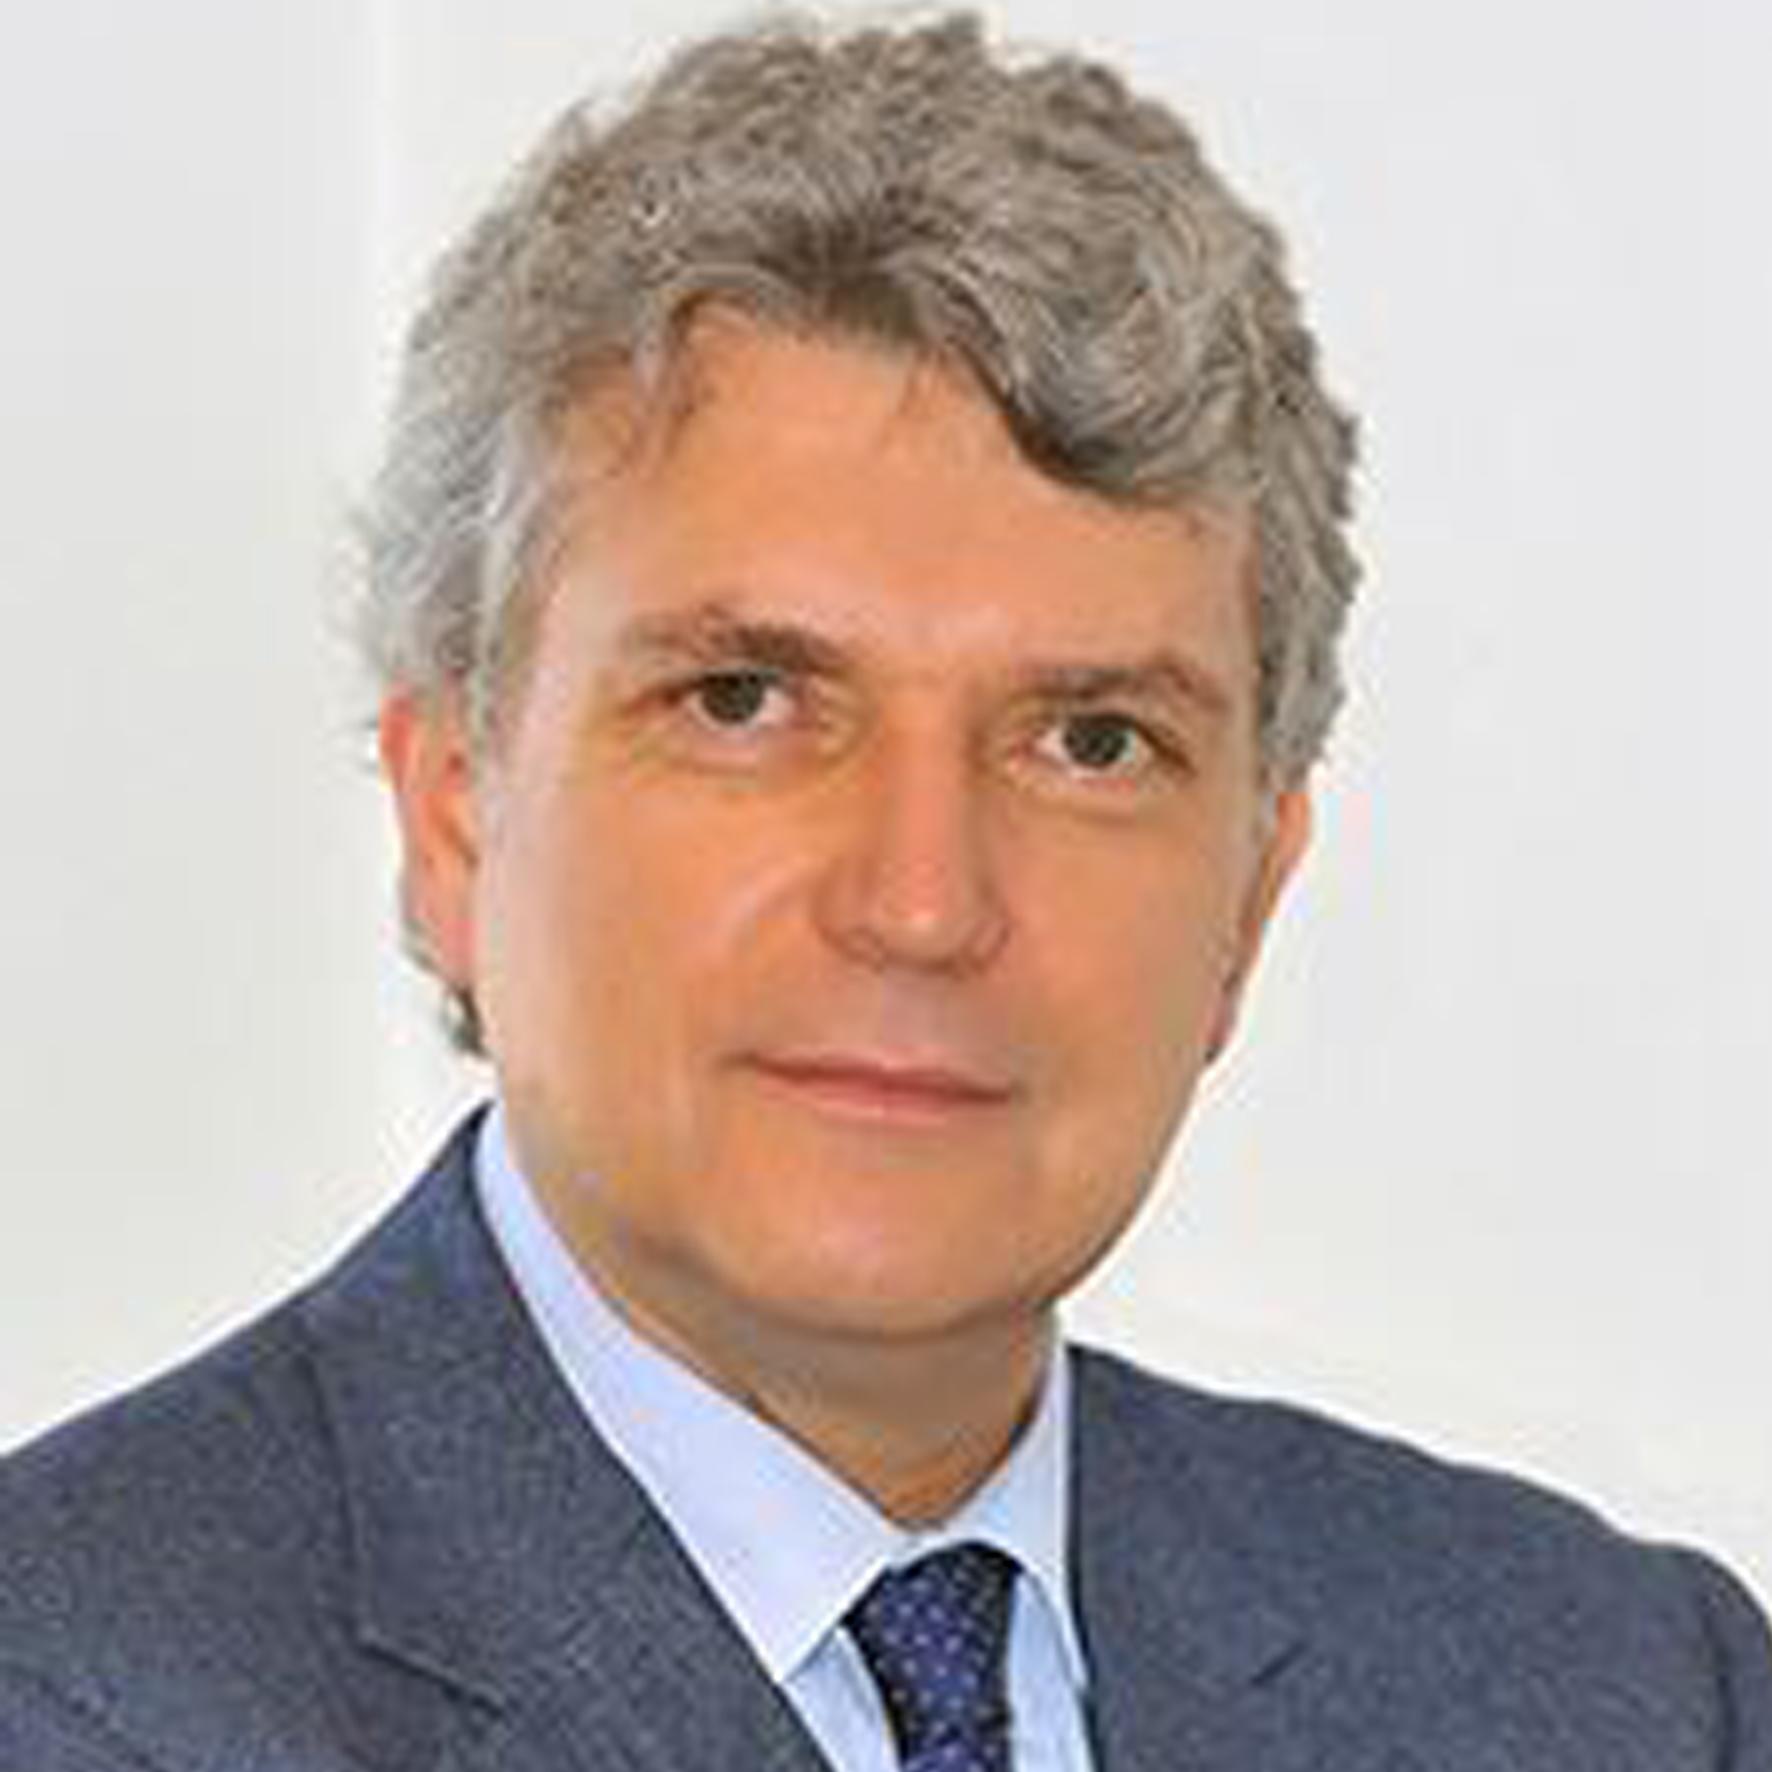 Nino Savelli